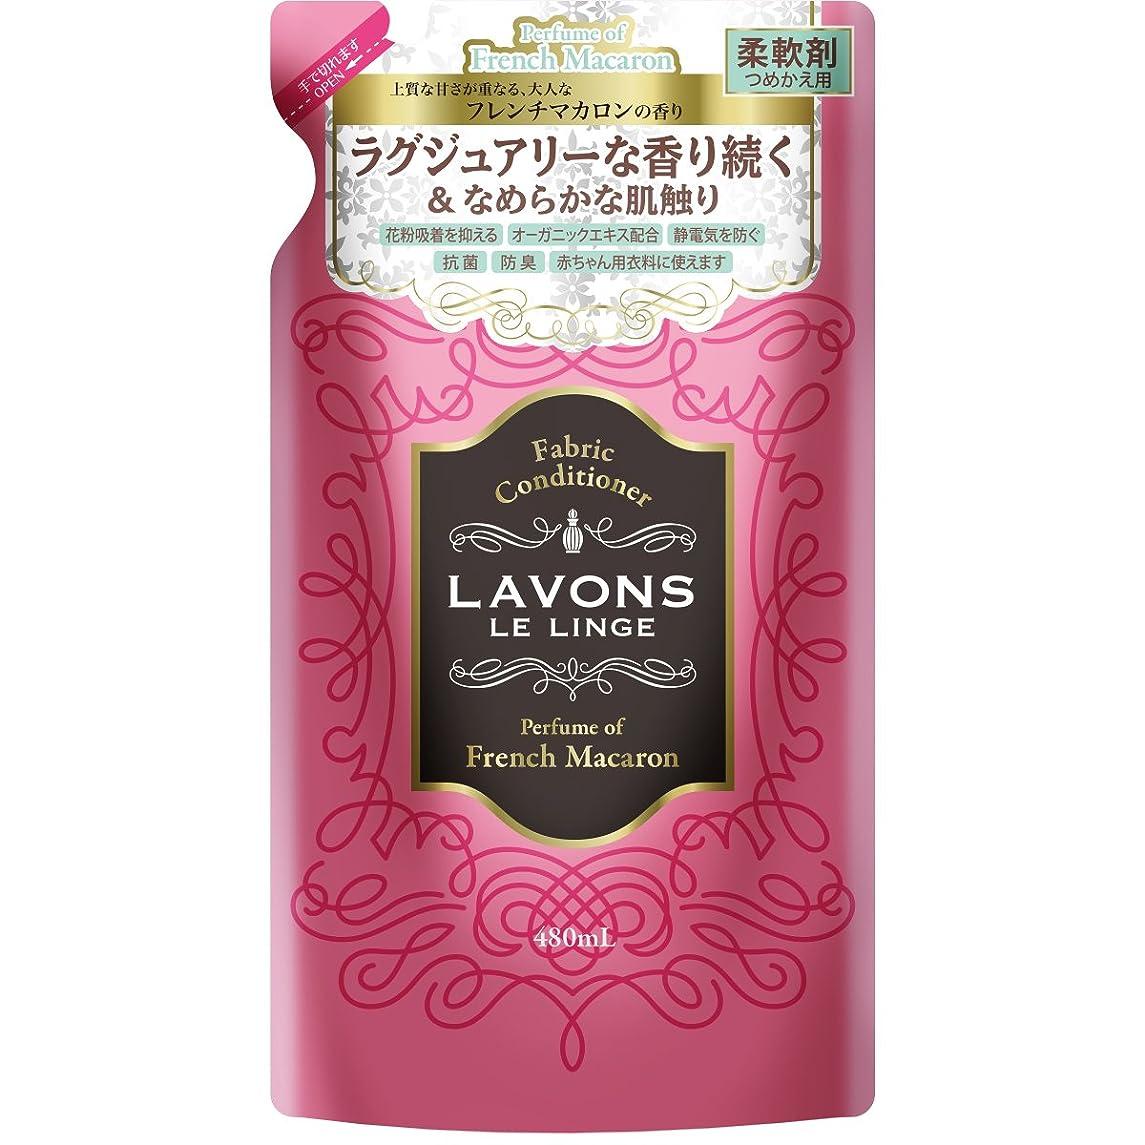 を必要としています珍味結核ラボン 柔軟剤 フレンチマカロンの香り 詰め替え 480ml